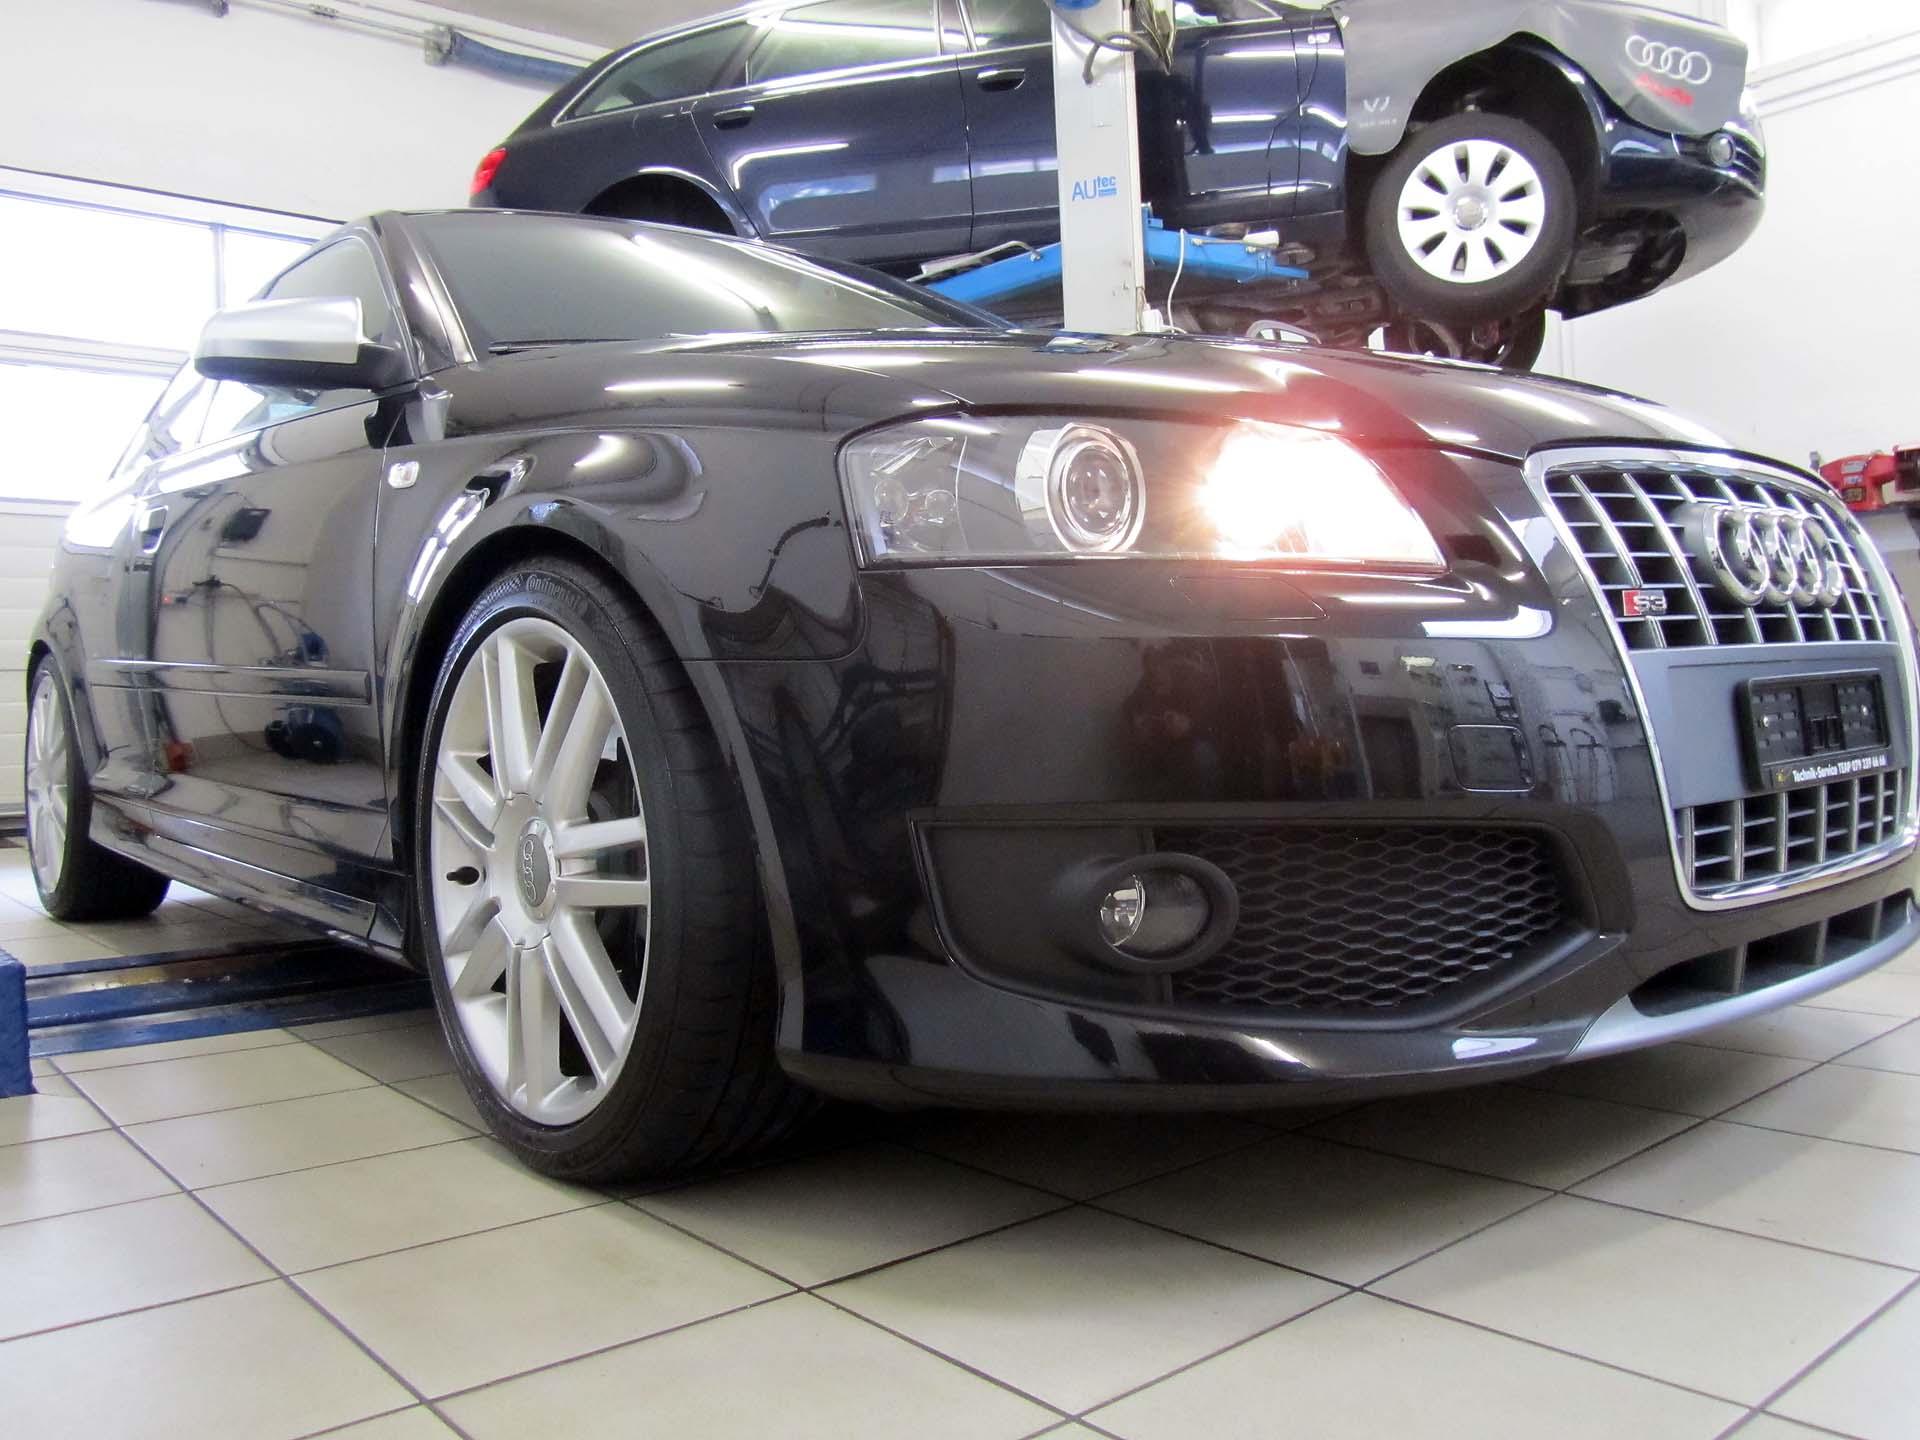 Audi S3 2.0lt TFSI 225KW 420Nm mit Fahrwerkstieferlegung und Distanzscheiben an der Vorder und Hinterachse